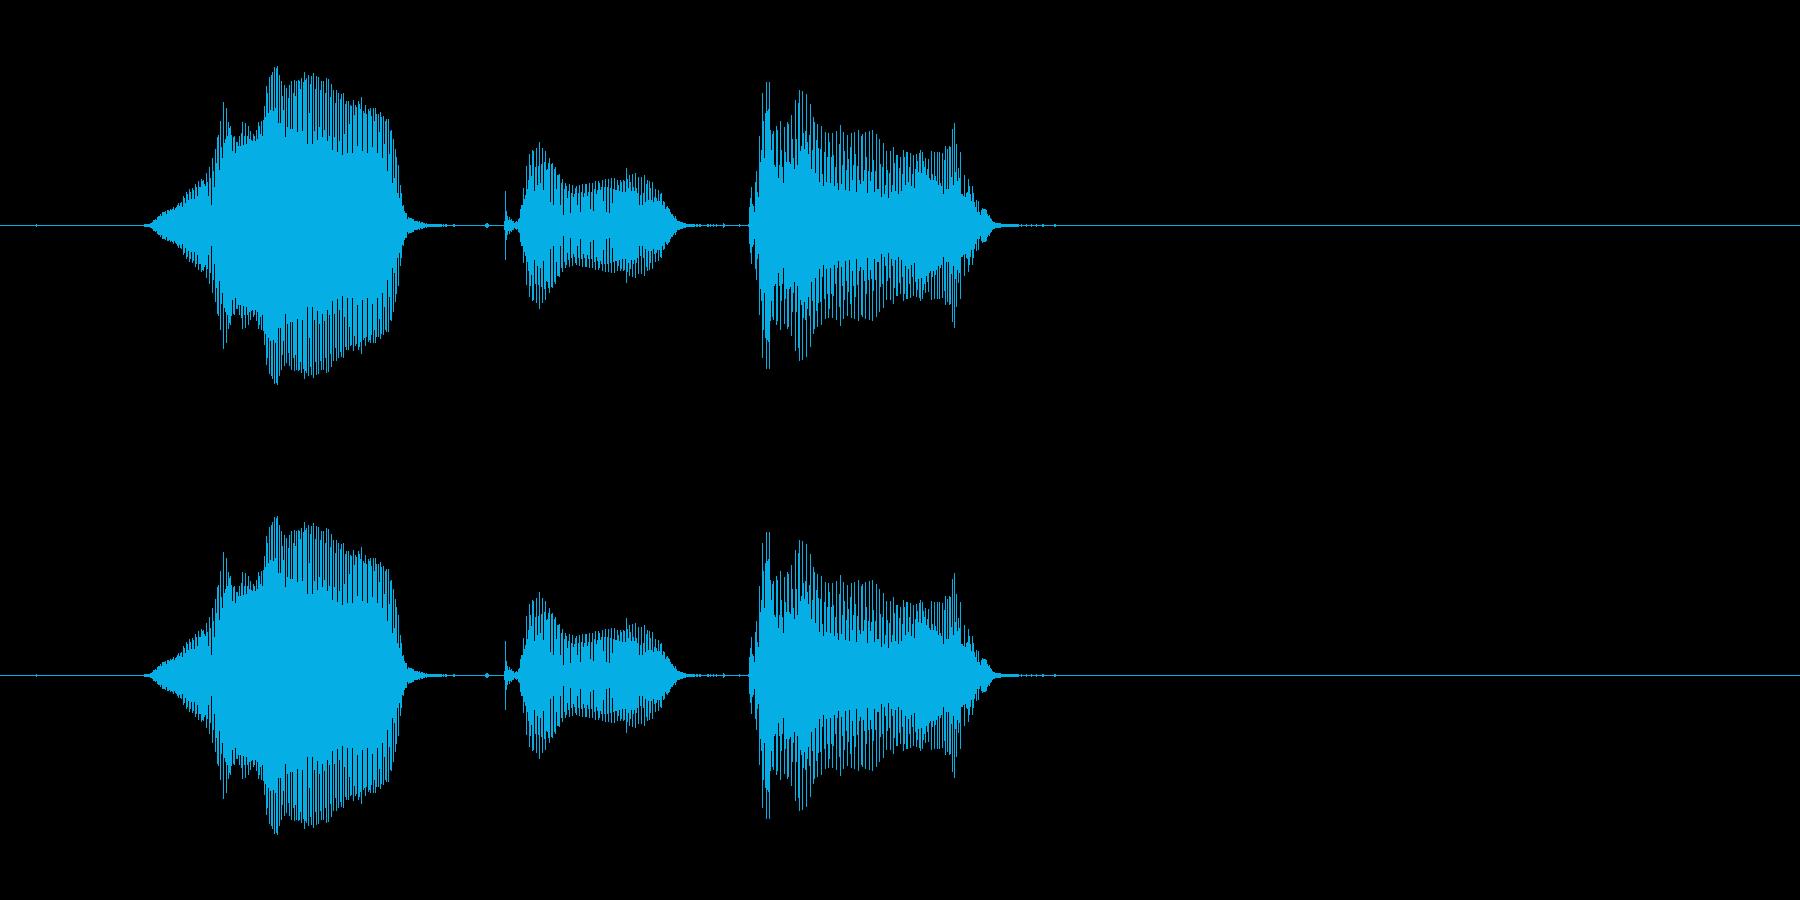 「よーく見て」の再生済みの波形